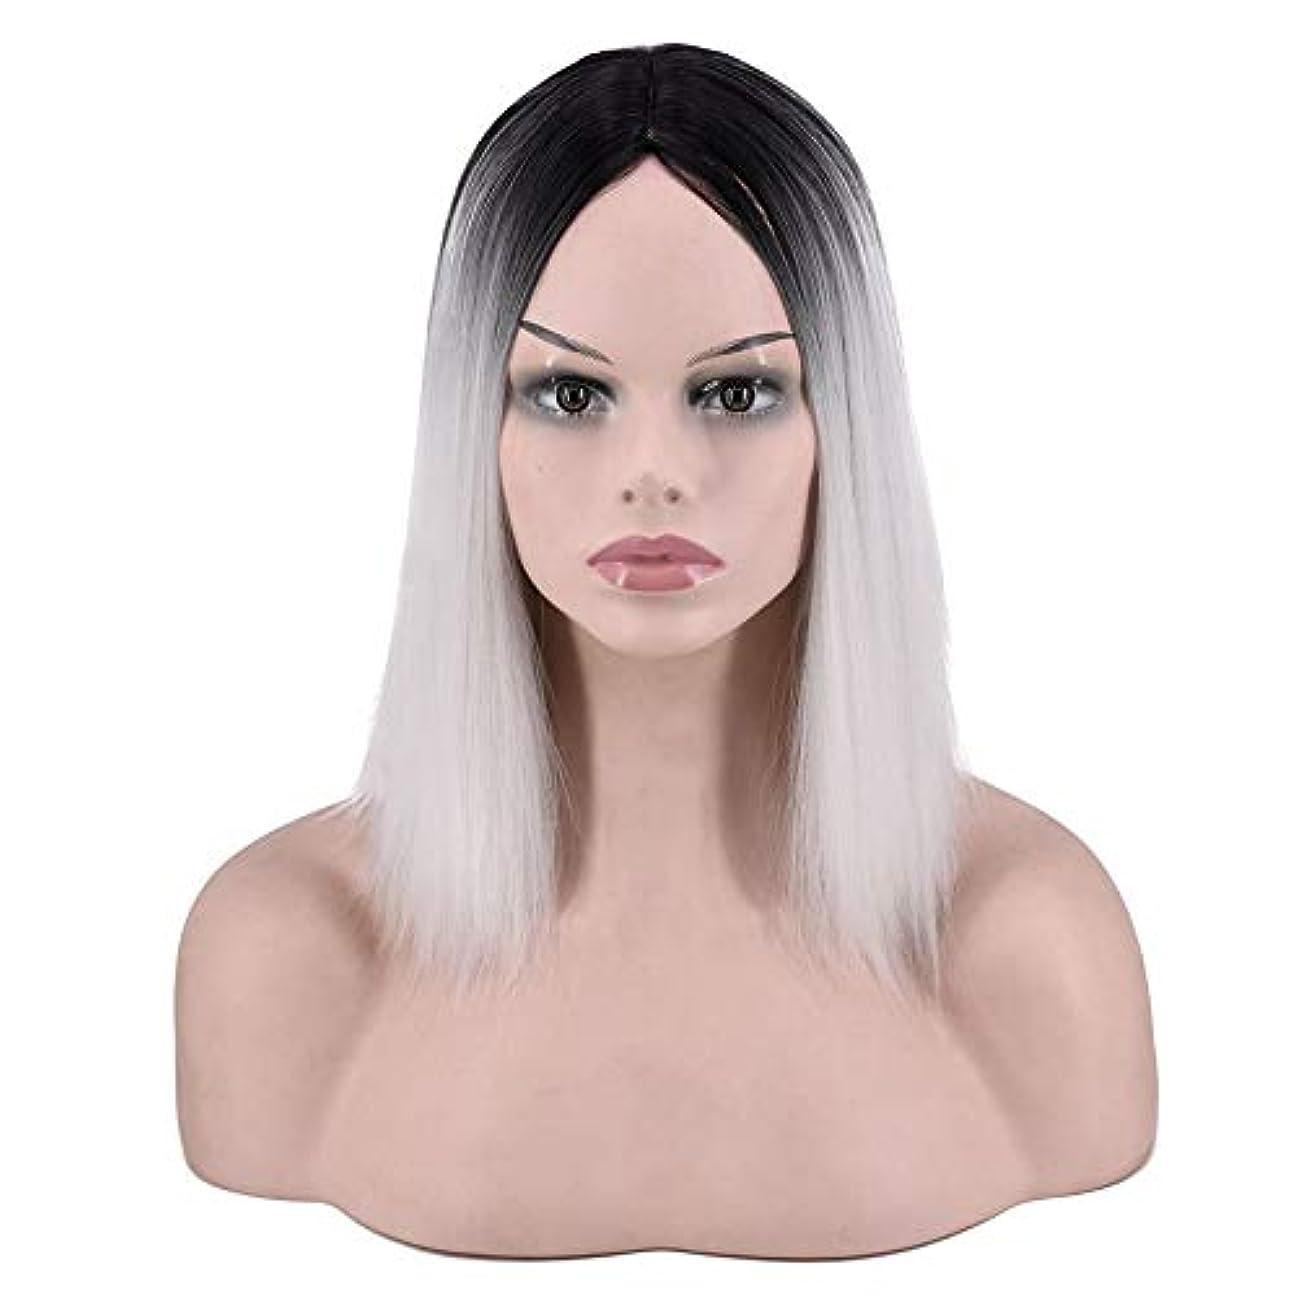 アイデア音楽ファンシーYOUQIU 女子ショートストレートウィッグ肩の長さの合成ボブヘアウィッグ耐熱フル?ヘアウィッグウィッグ (色 : Photo Color)